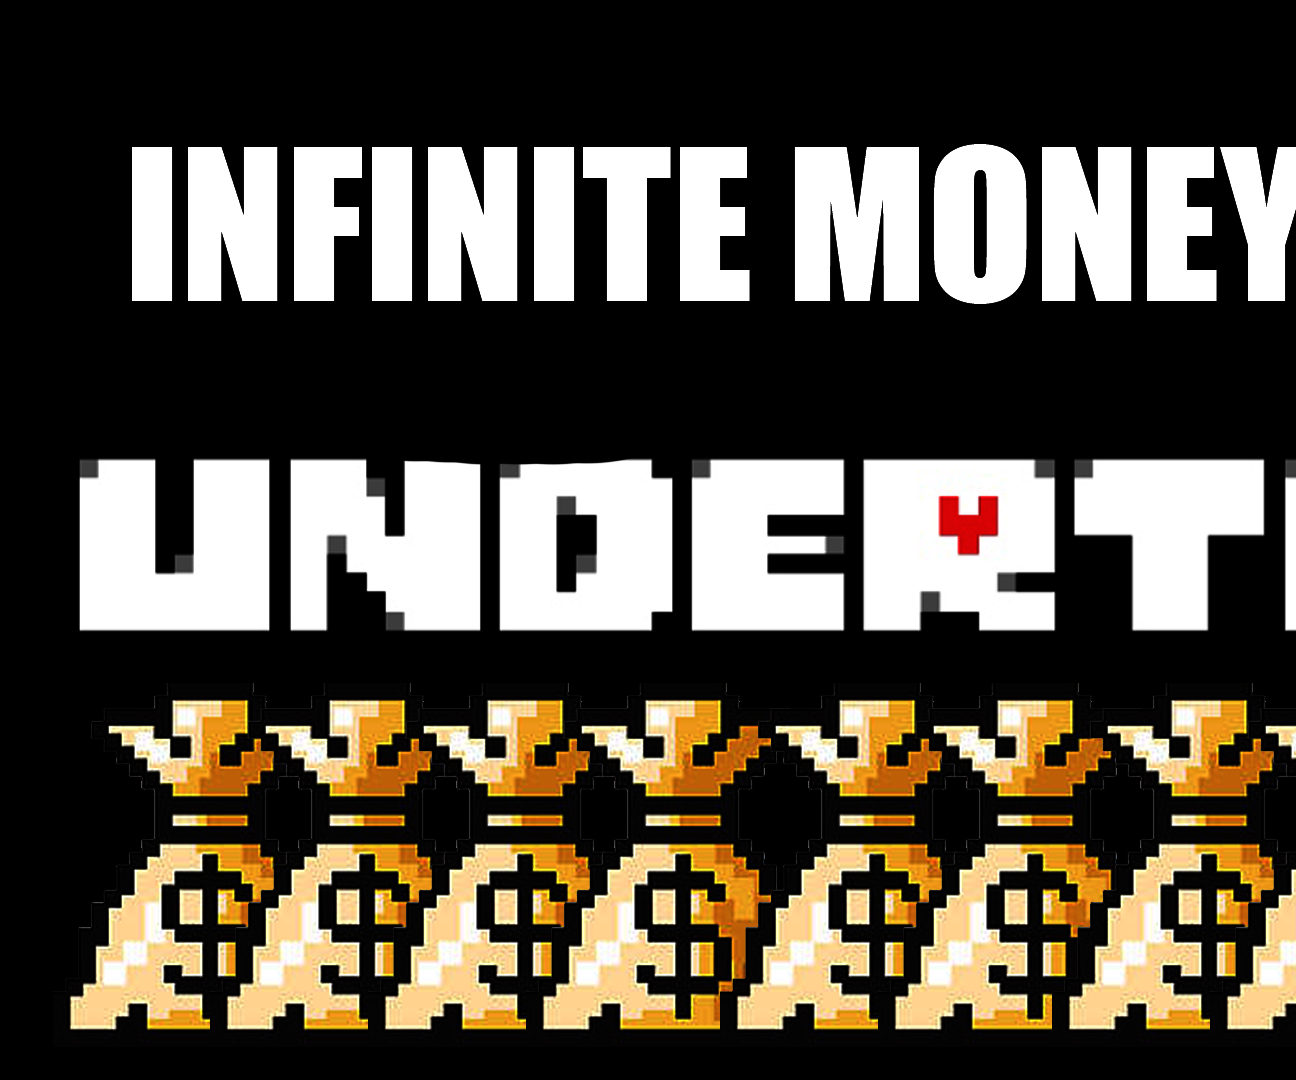 How to Get Infinite Money in Undertale (HACK)